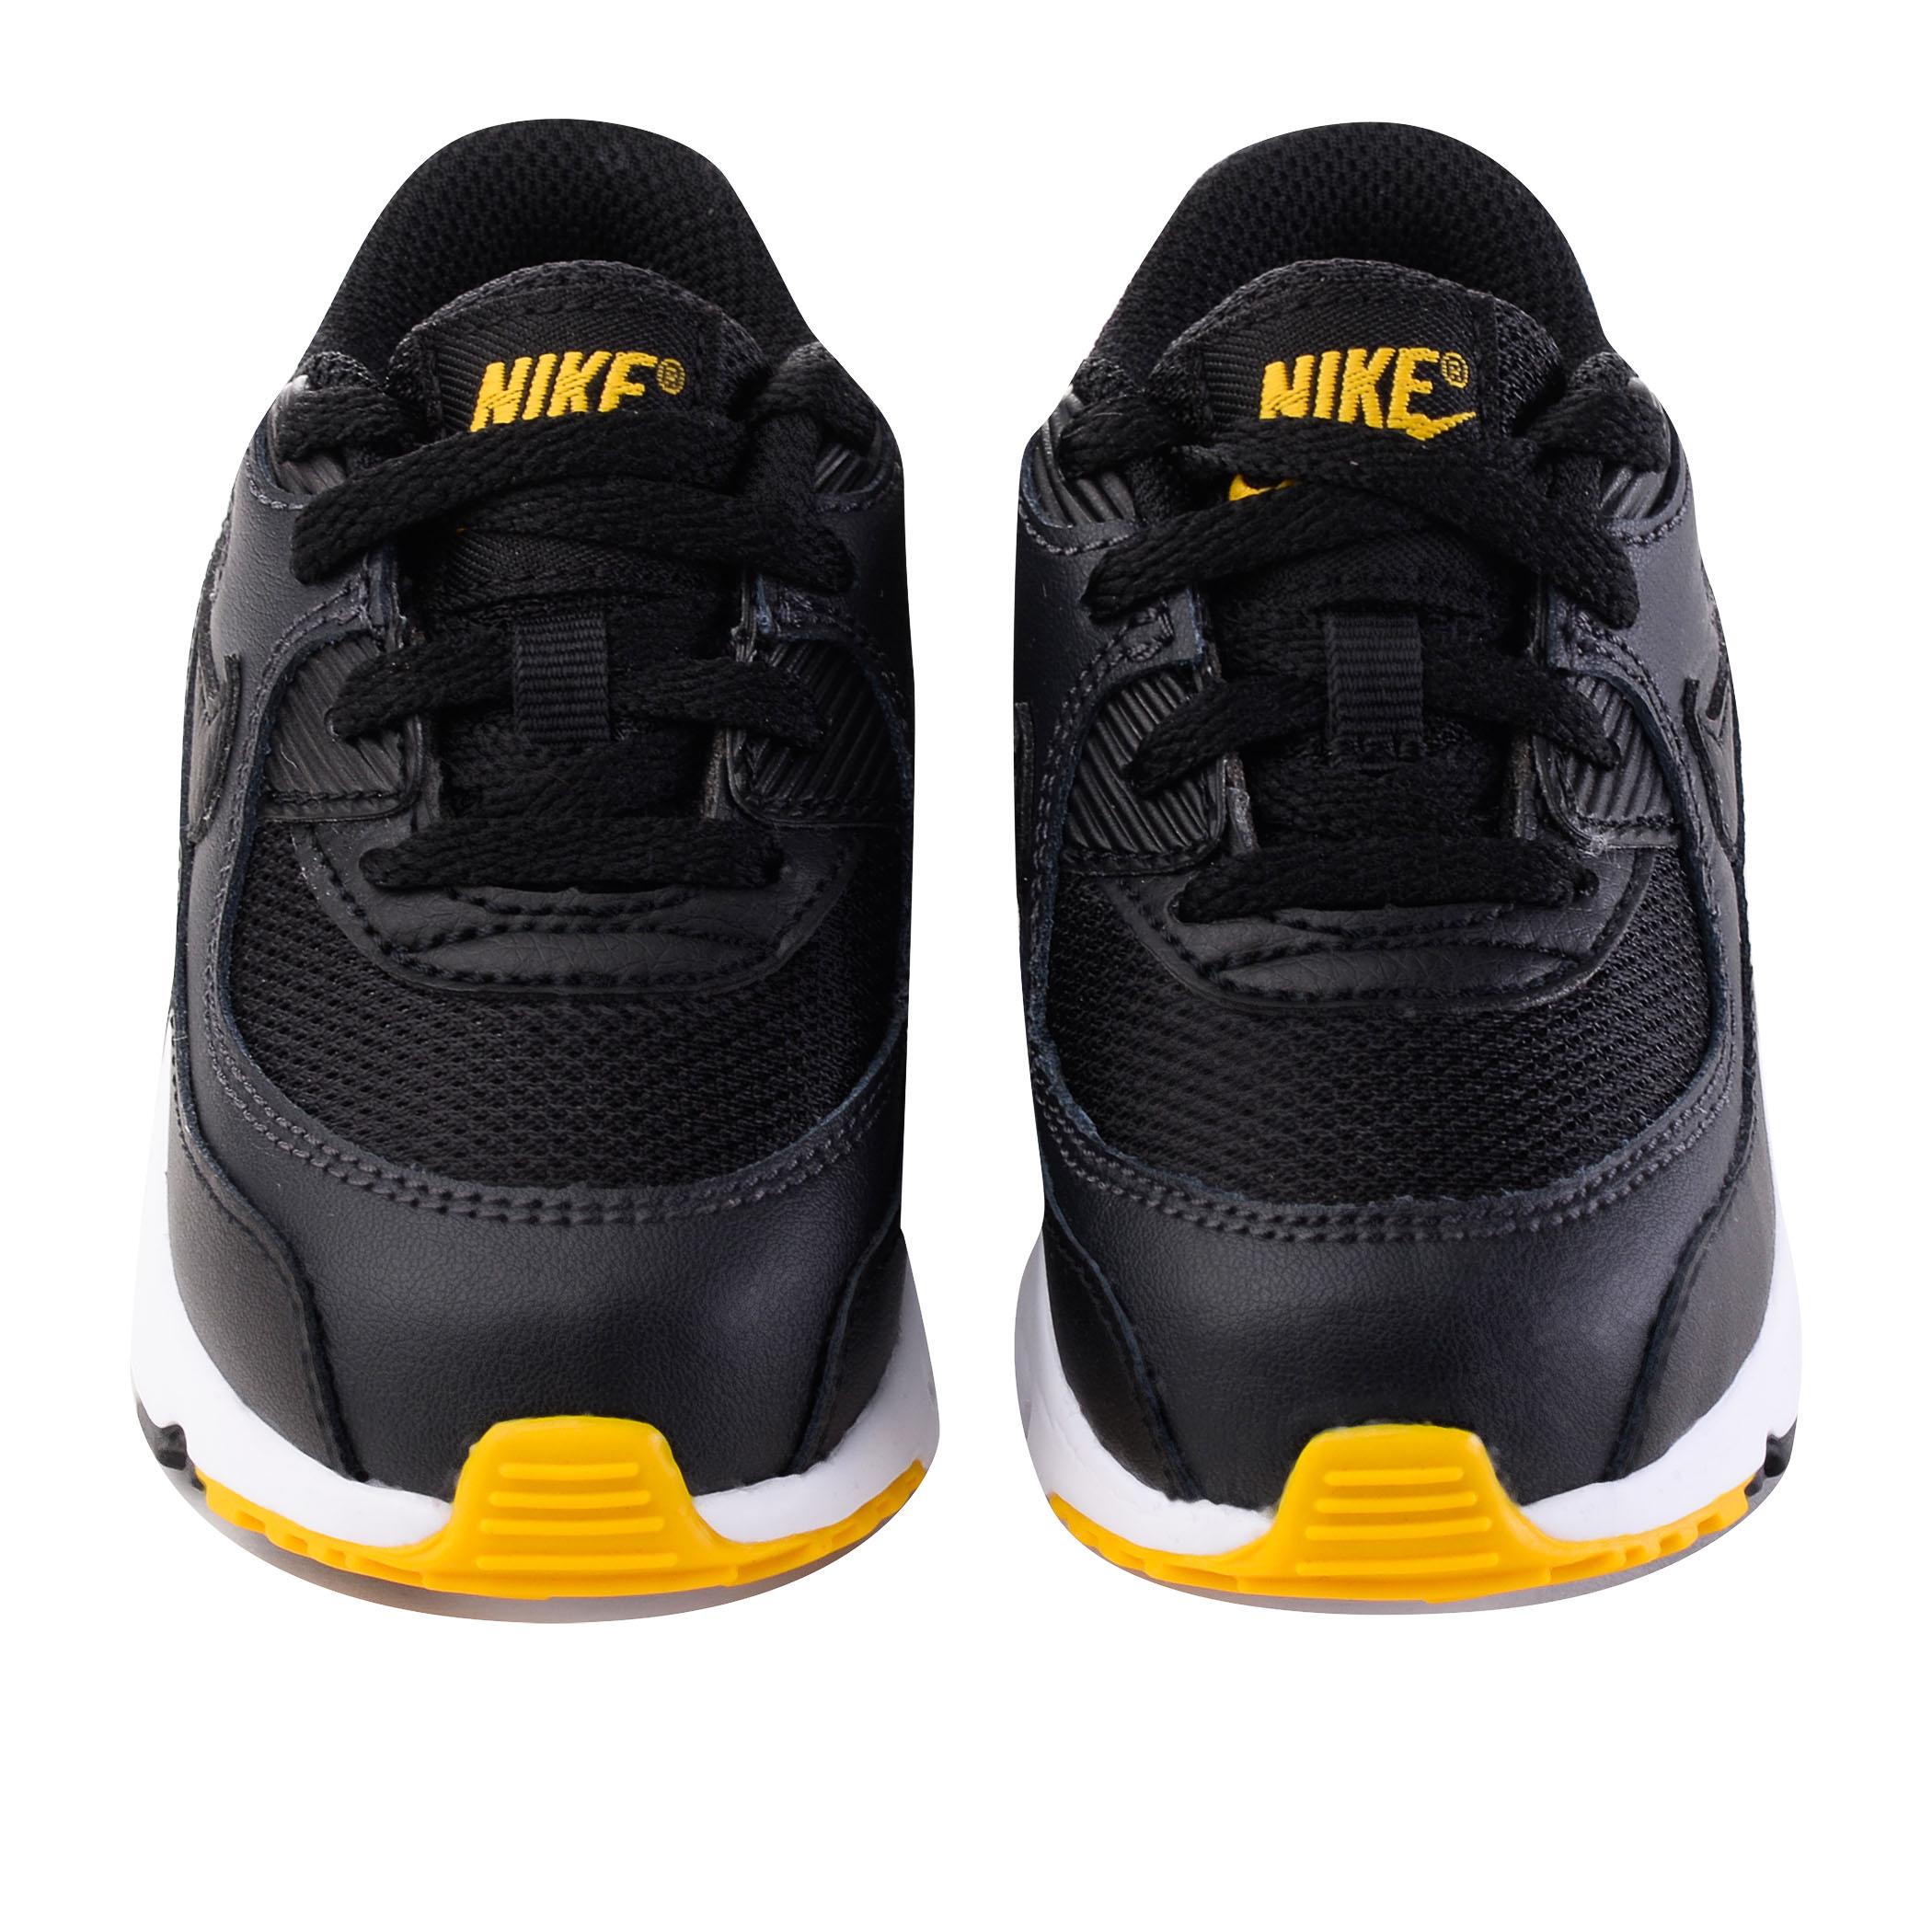 Кроссовки Air Max 90 от Nike (833422 026) продажа, цена